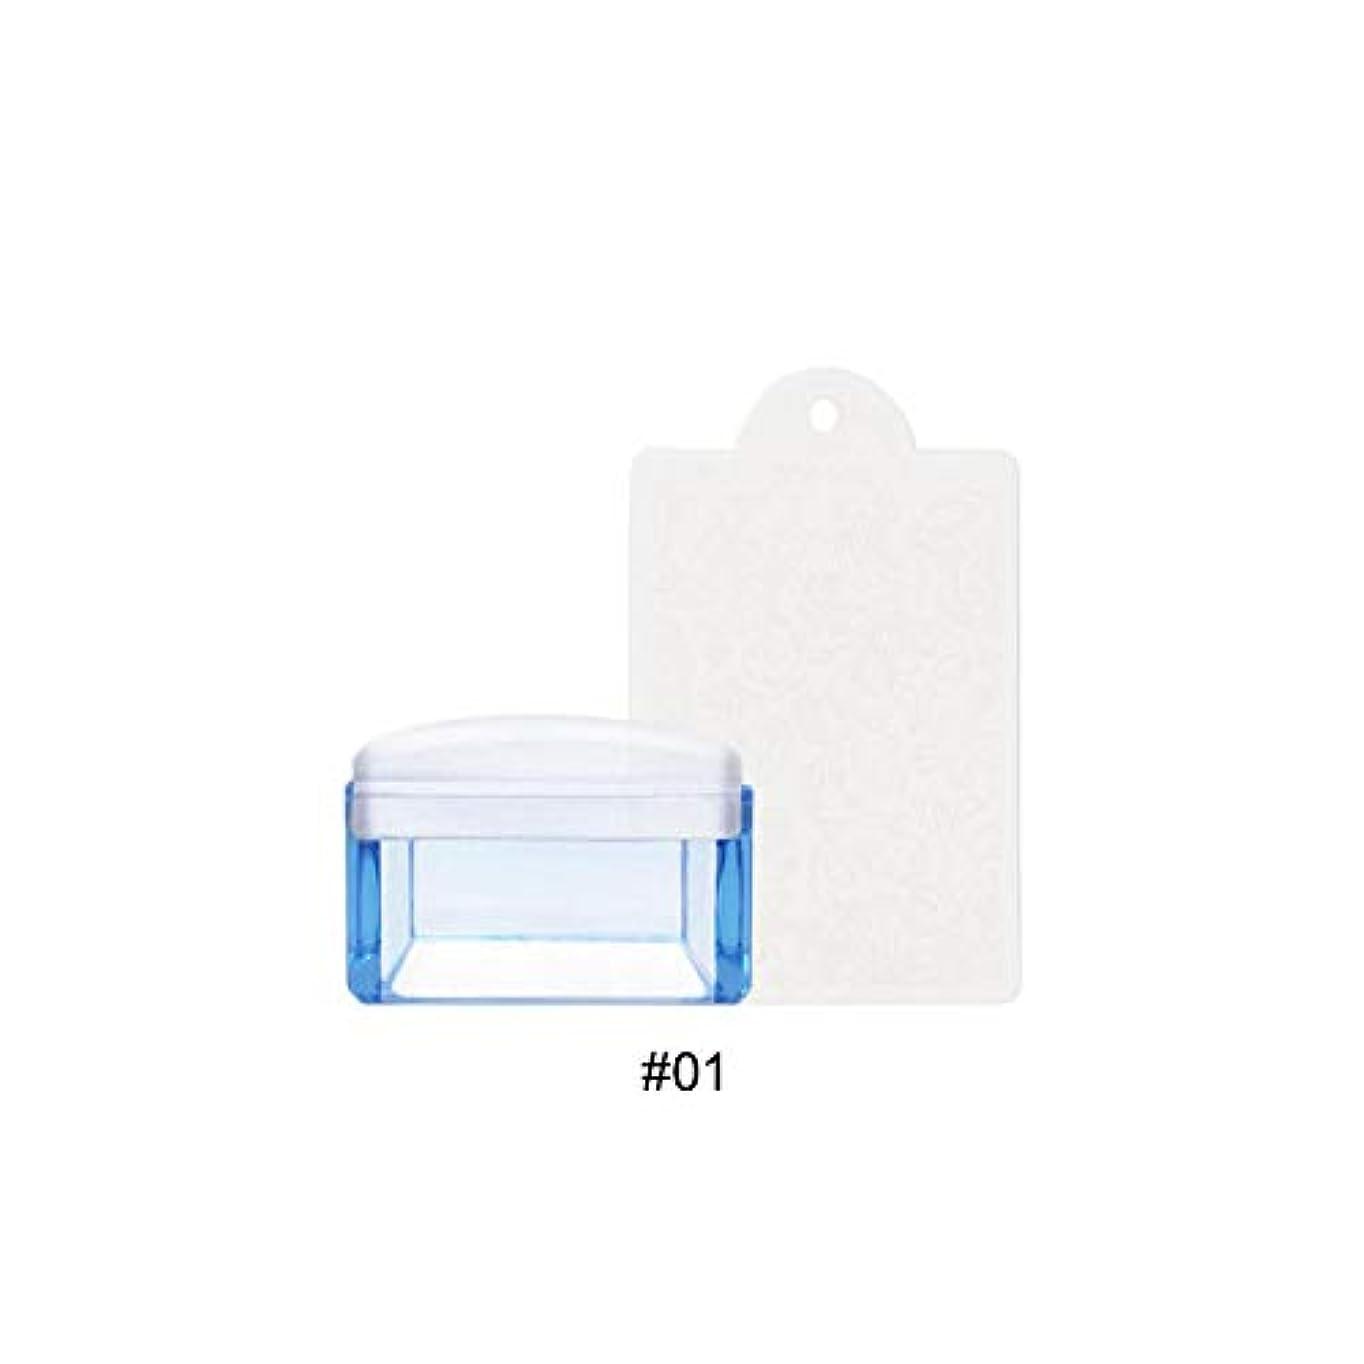 振動する手段ビーズワニススタンプネイルアートテンプレートネイル用ゲルポリッシュスタンピングDIYネイルシールスクレーパー,1